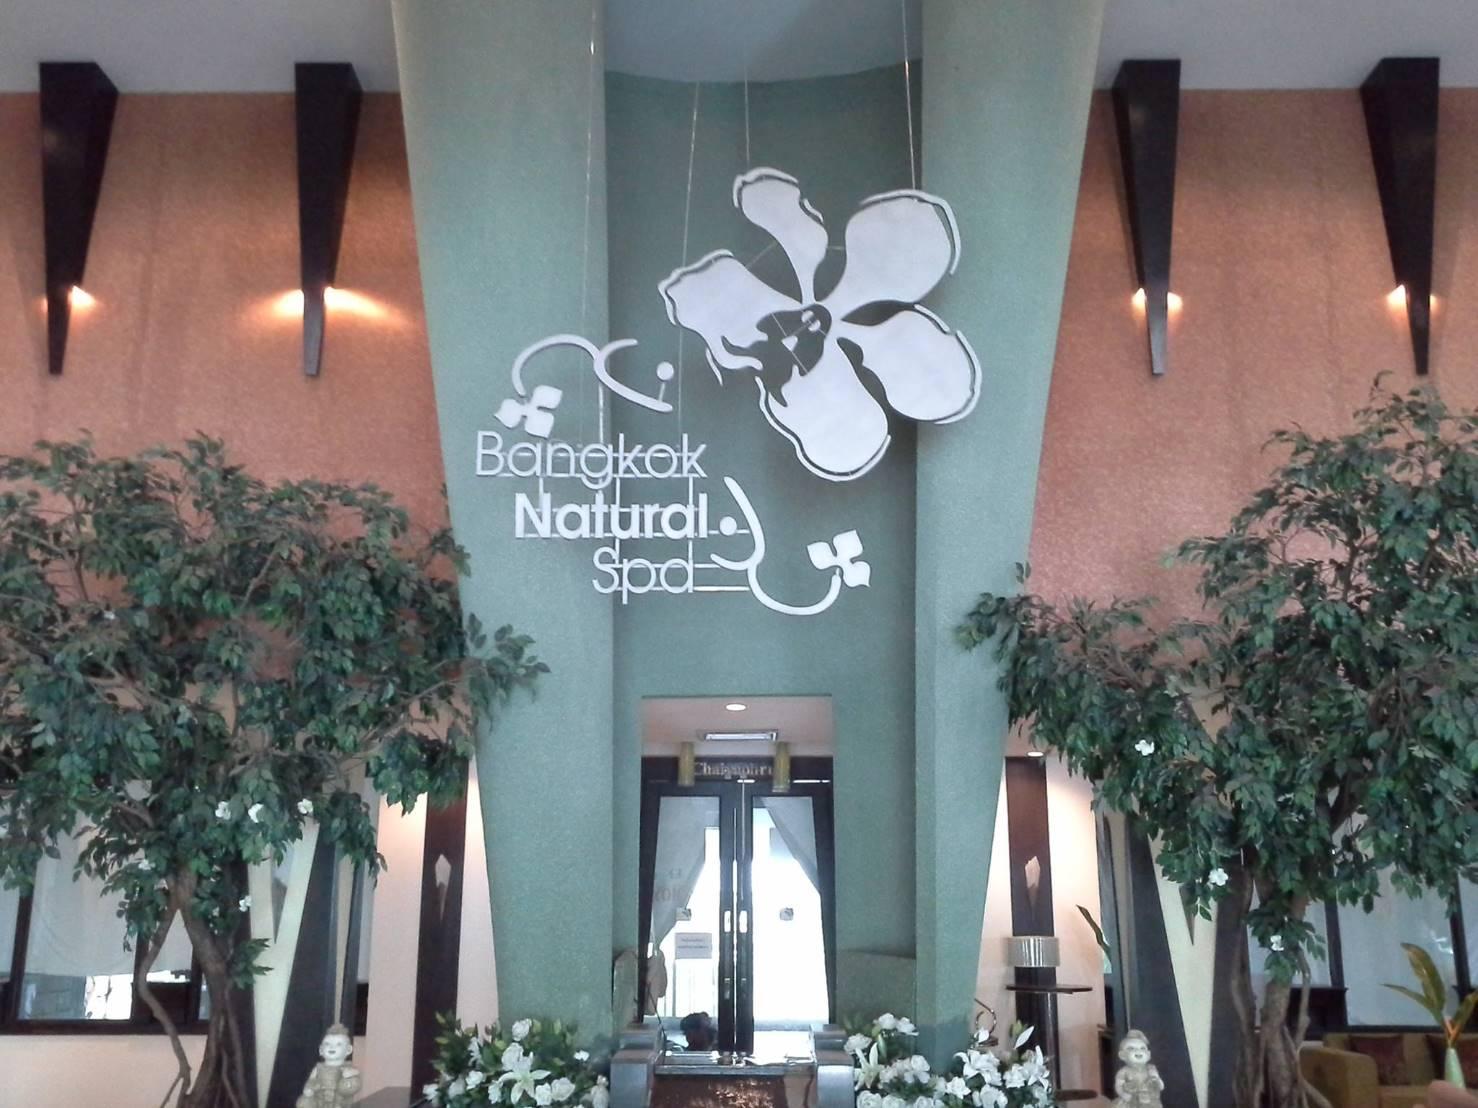 Bangkok Natural Spa - บริษัท เดอะเบสท์ มัลติมีเดีย โปรเฟสชั่นแนล จำกัด